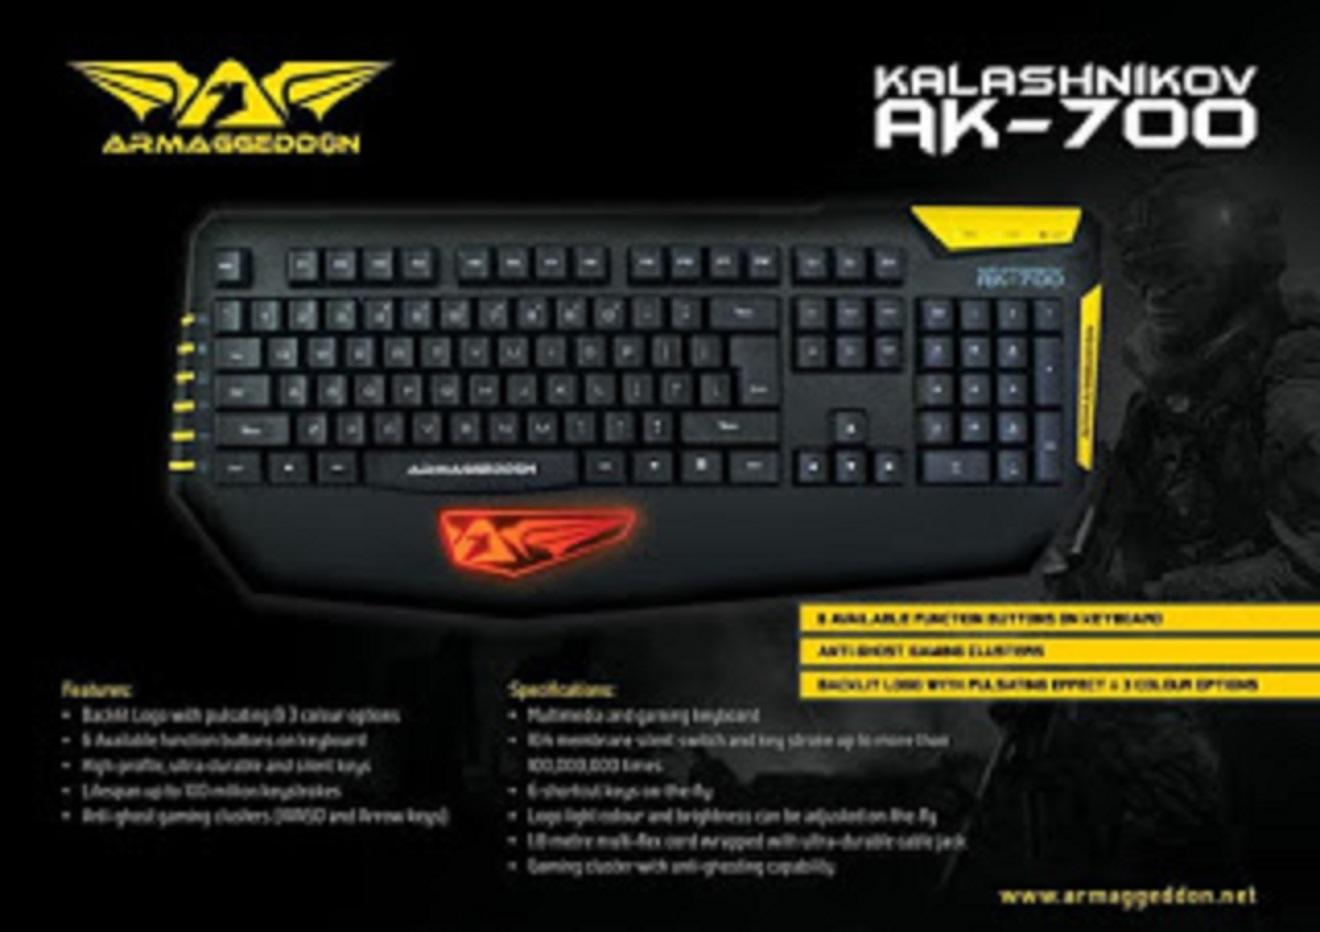 keyboard gaming murah berkualitas